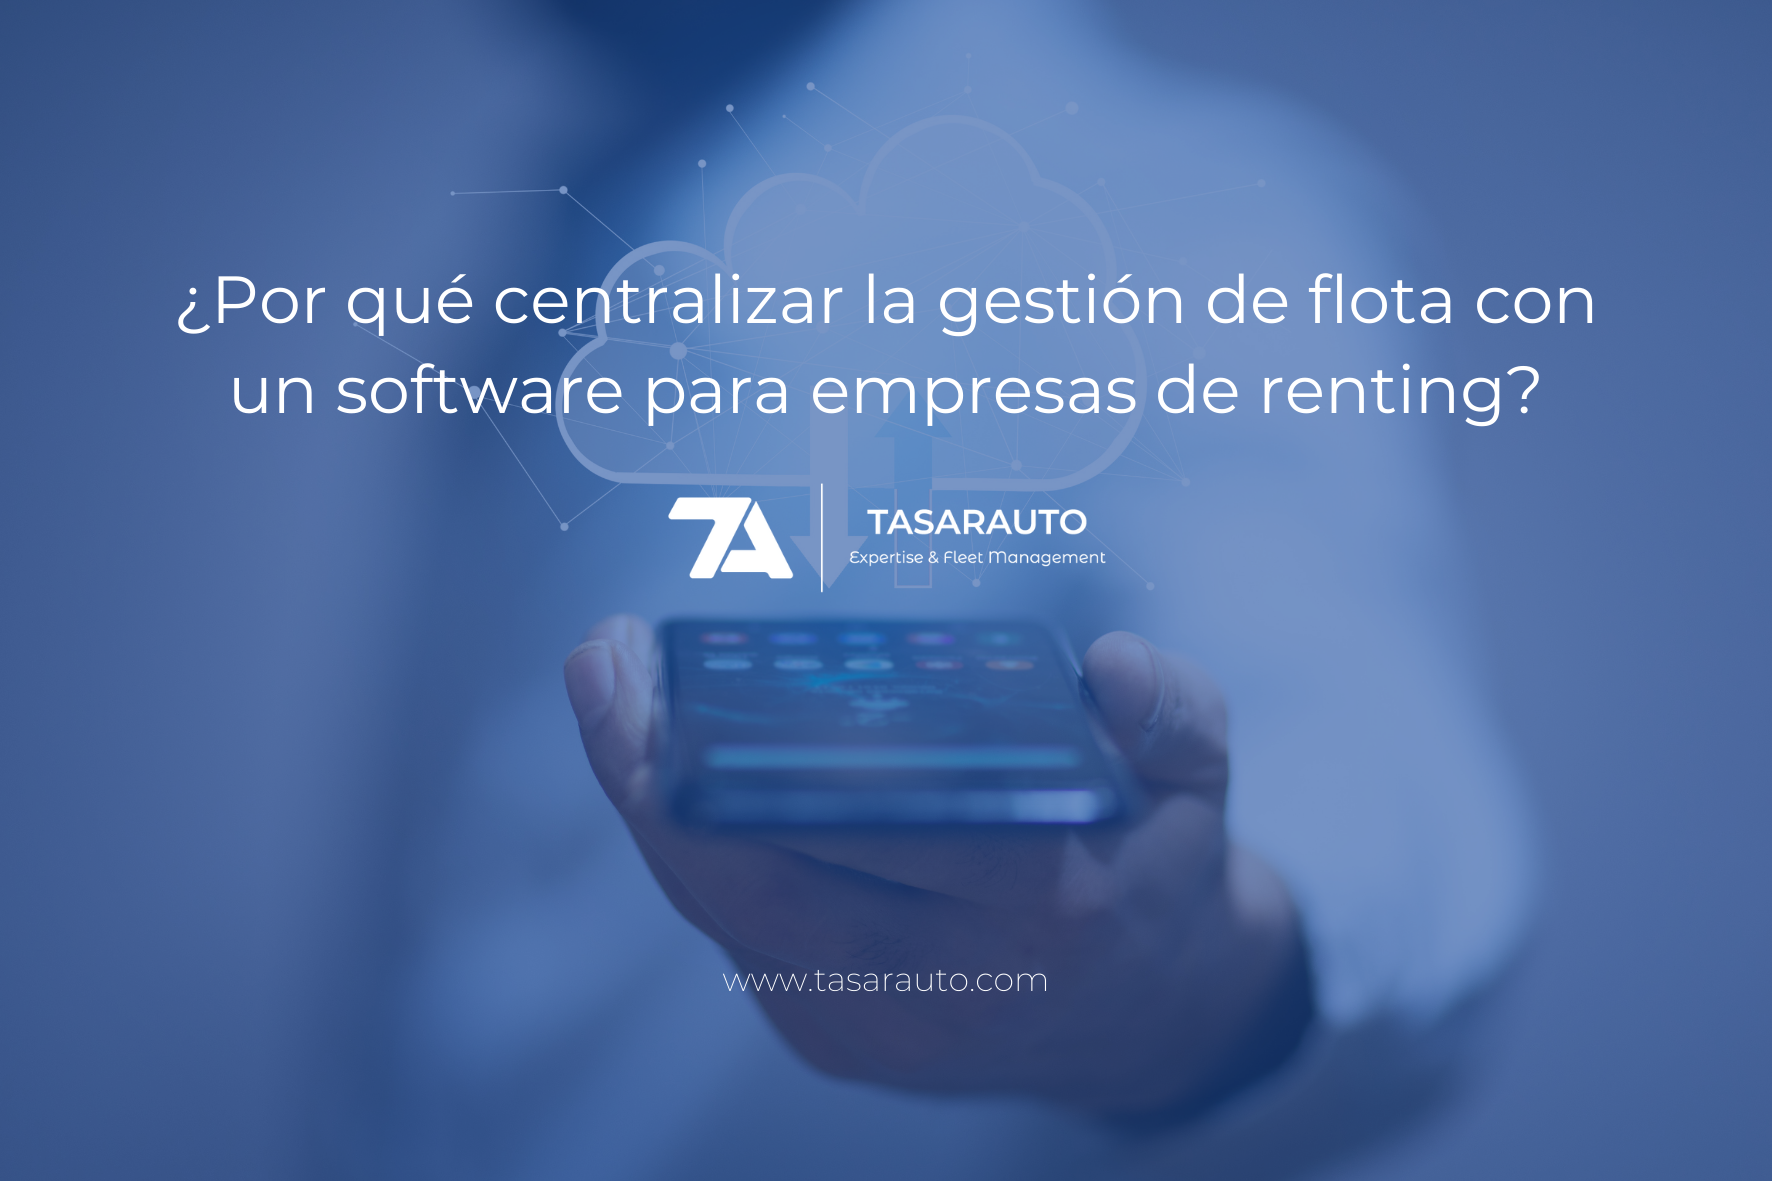 ¿Por Qué Centralizar La Gestión De Flota Con Un Software Para Empresas De Renting?